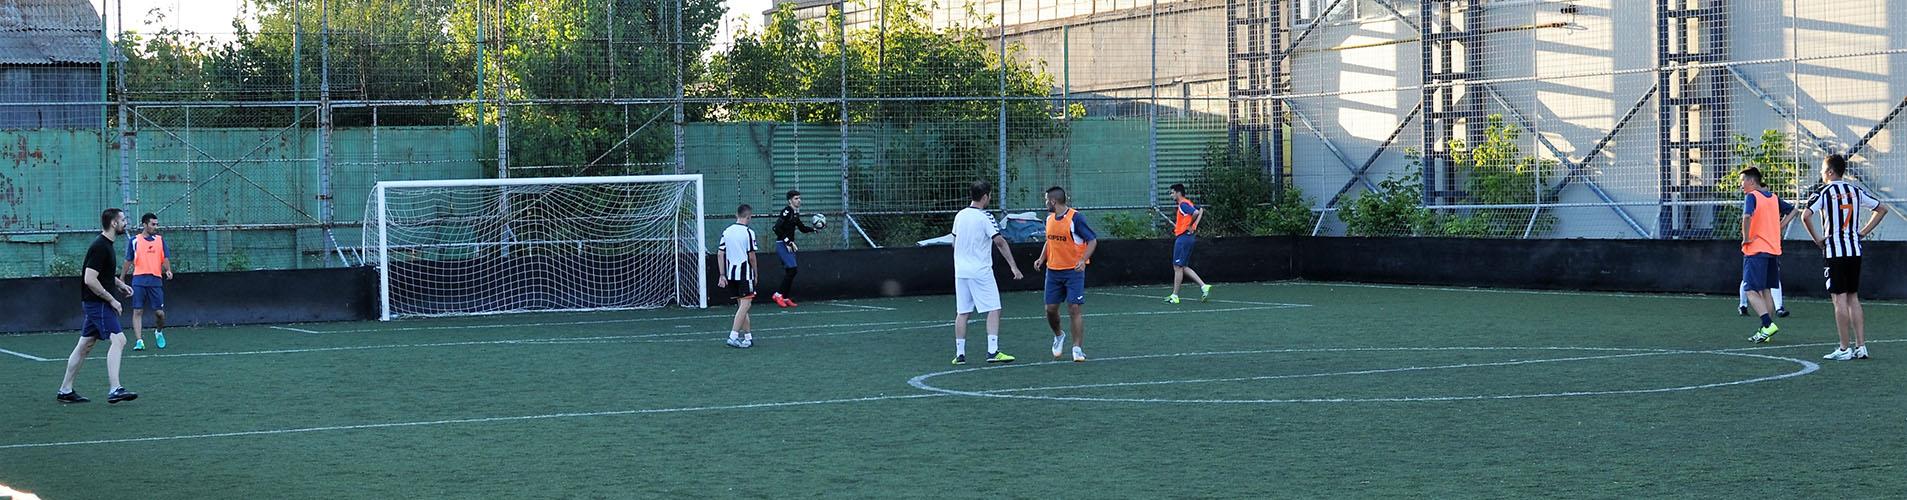 Baieti jucand fotbal pe un teren sintetic de fotbal in incinta clubului Popeci din Craiova